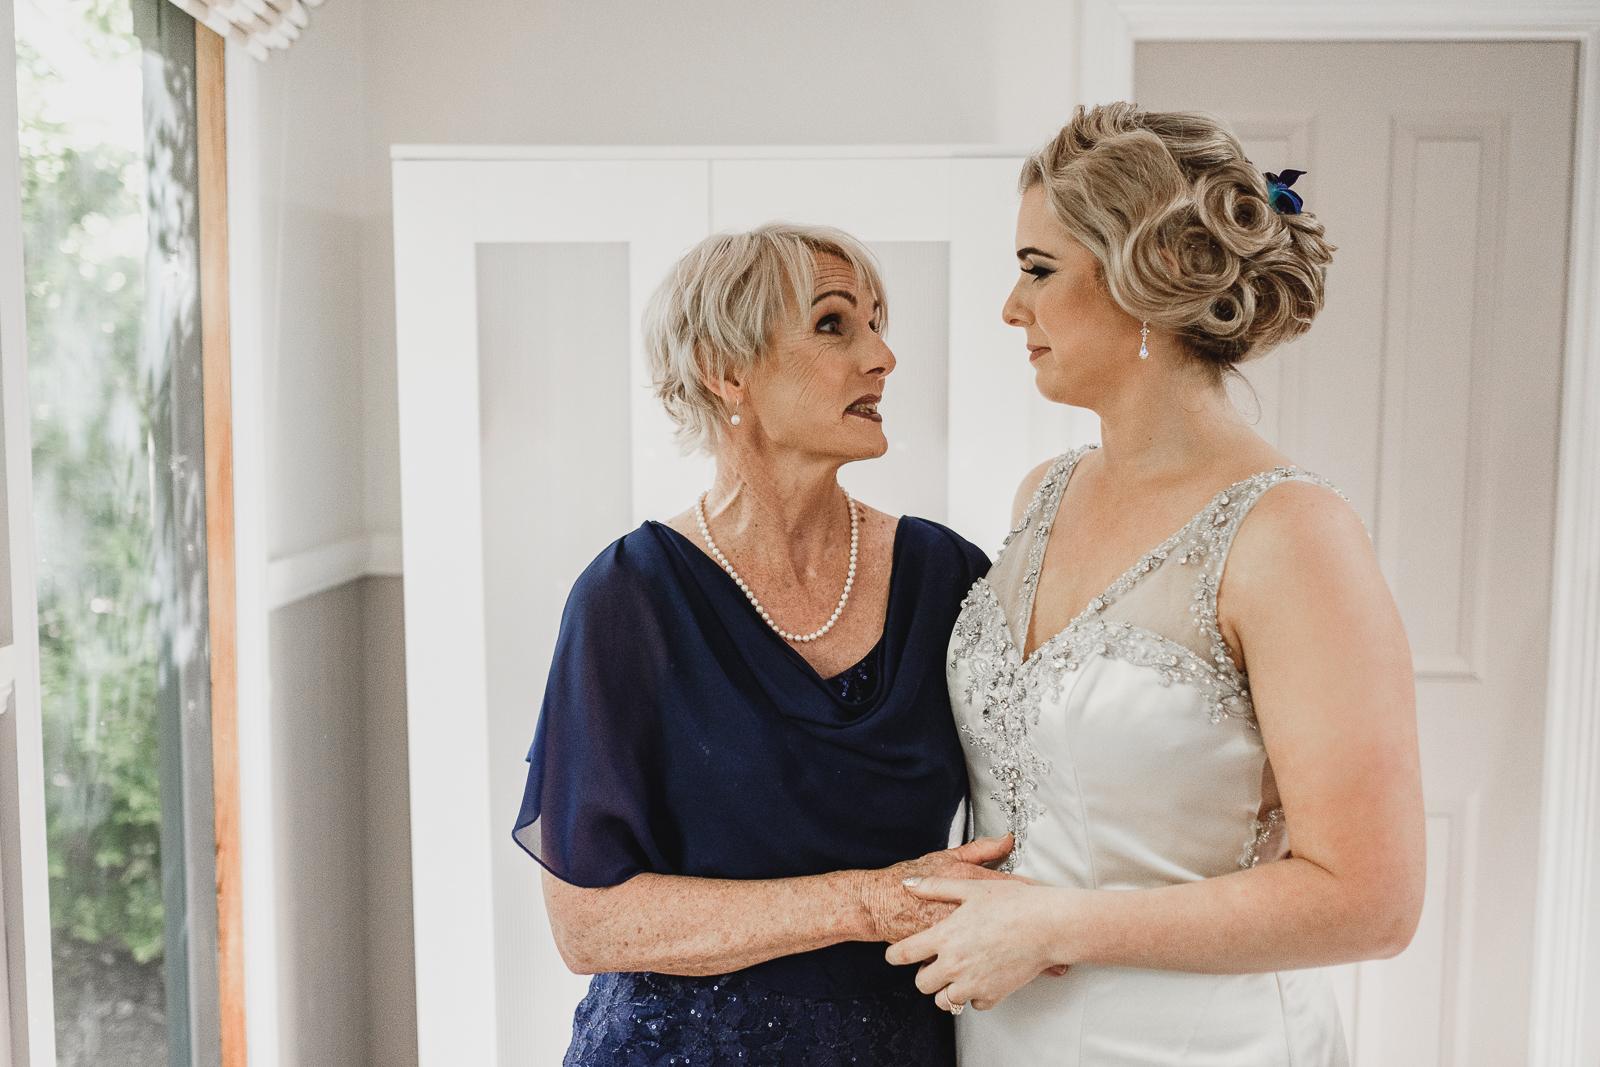 ArtAroundPhotos-jax_wedding-28.10.18-56.jpg